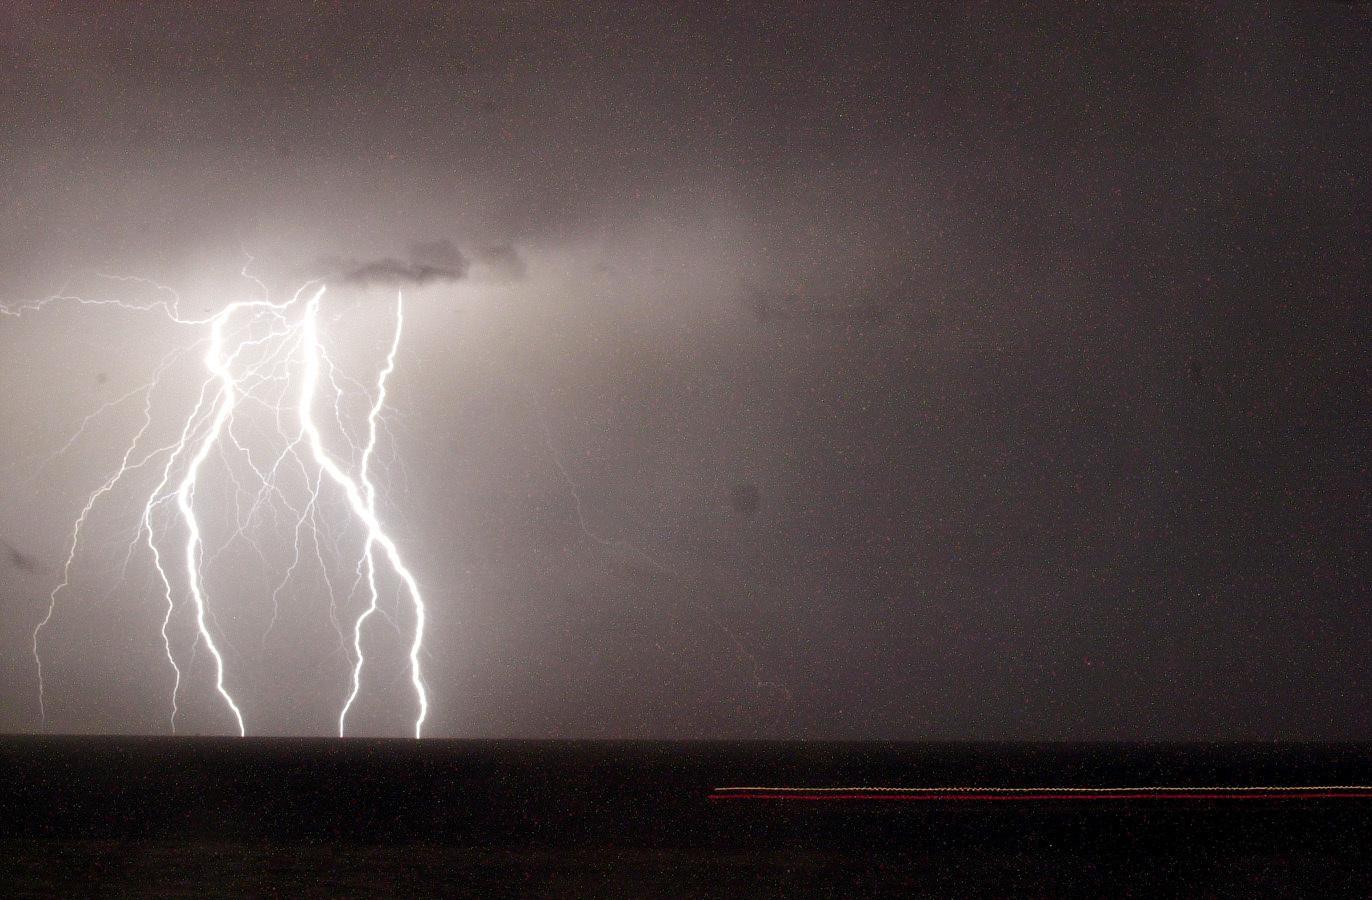 Προειδοποίηση για άγρια καταιγίδα στον Θερμαϊκό